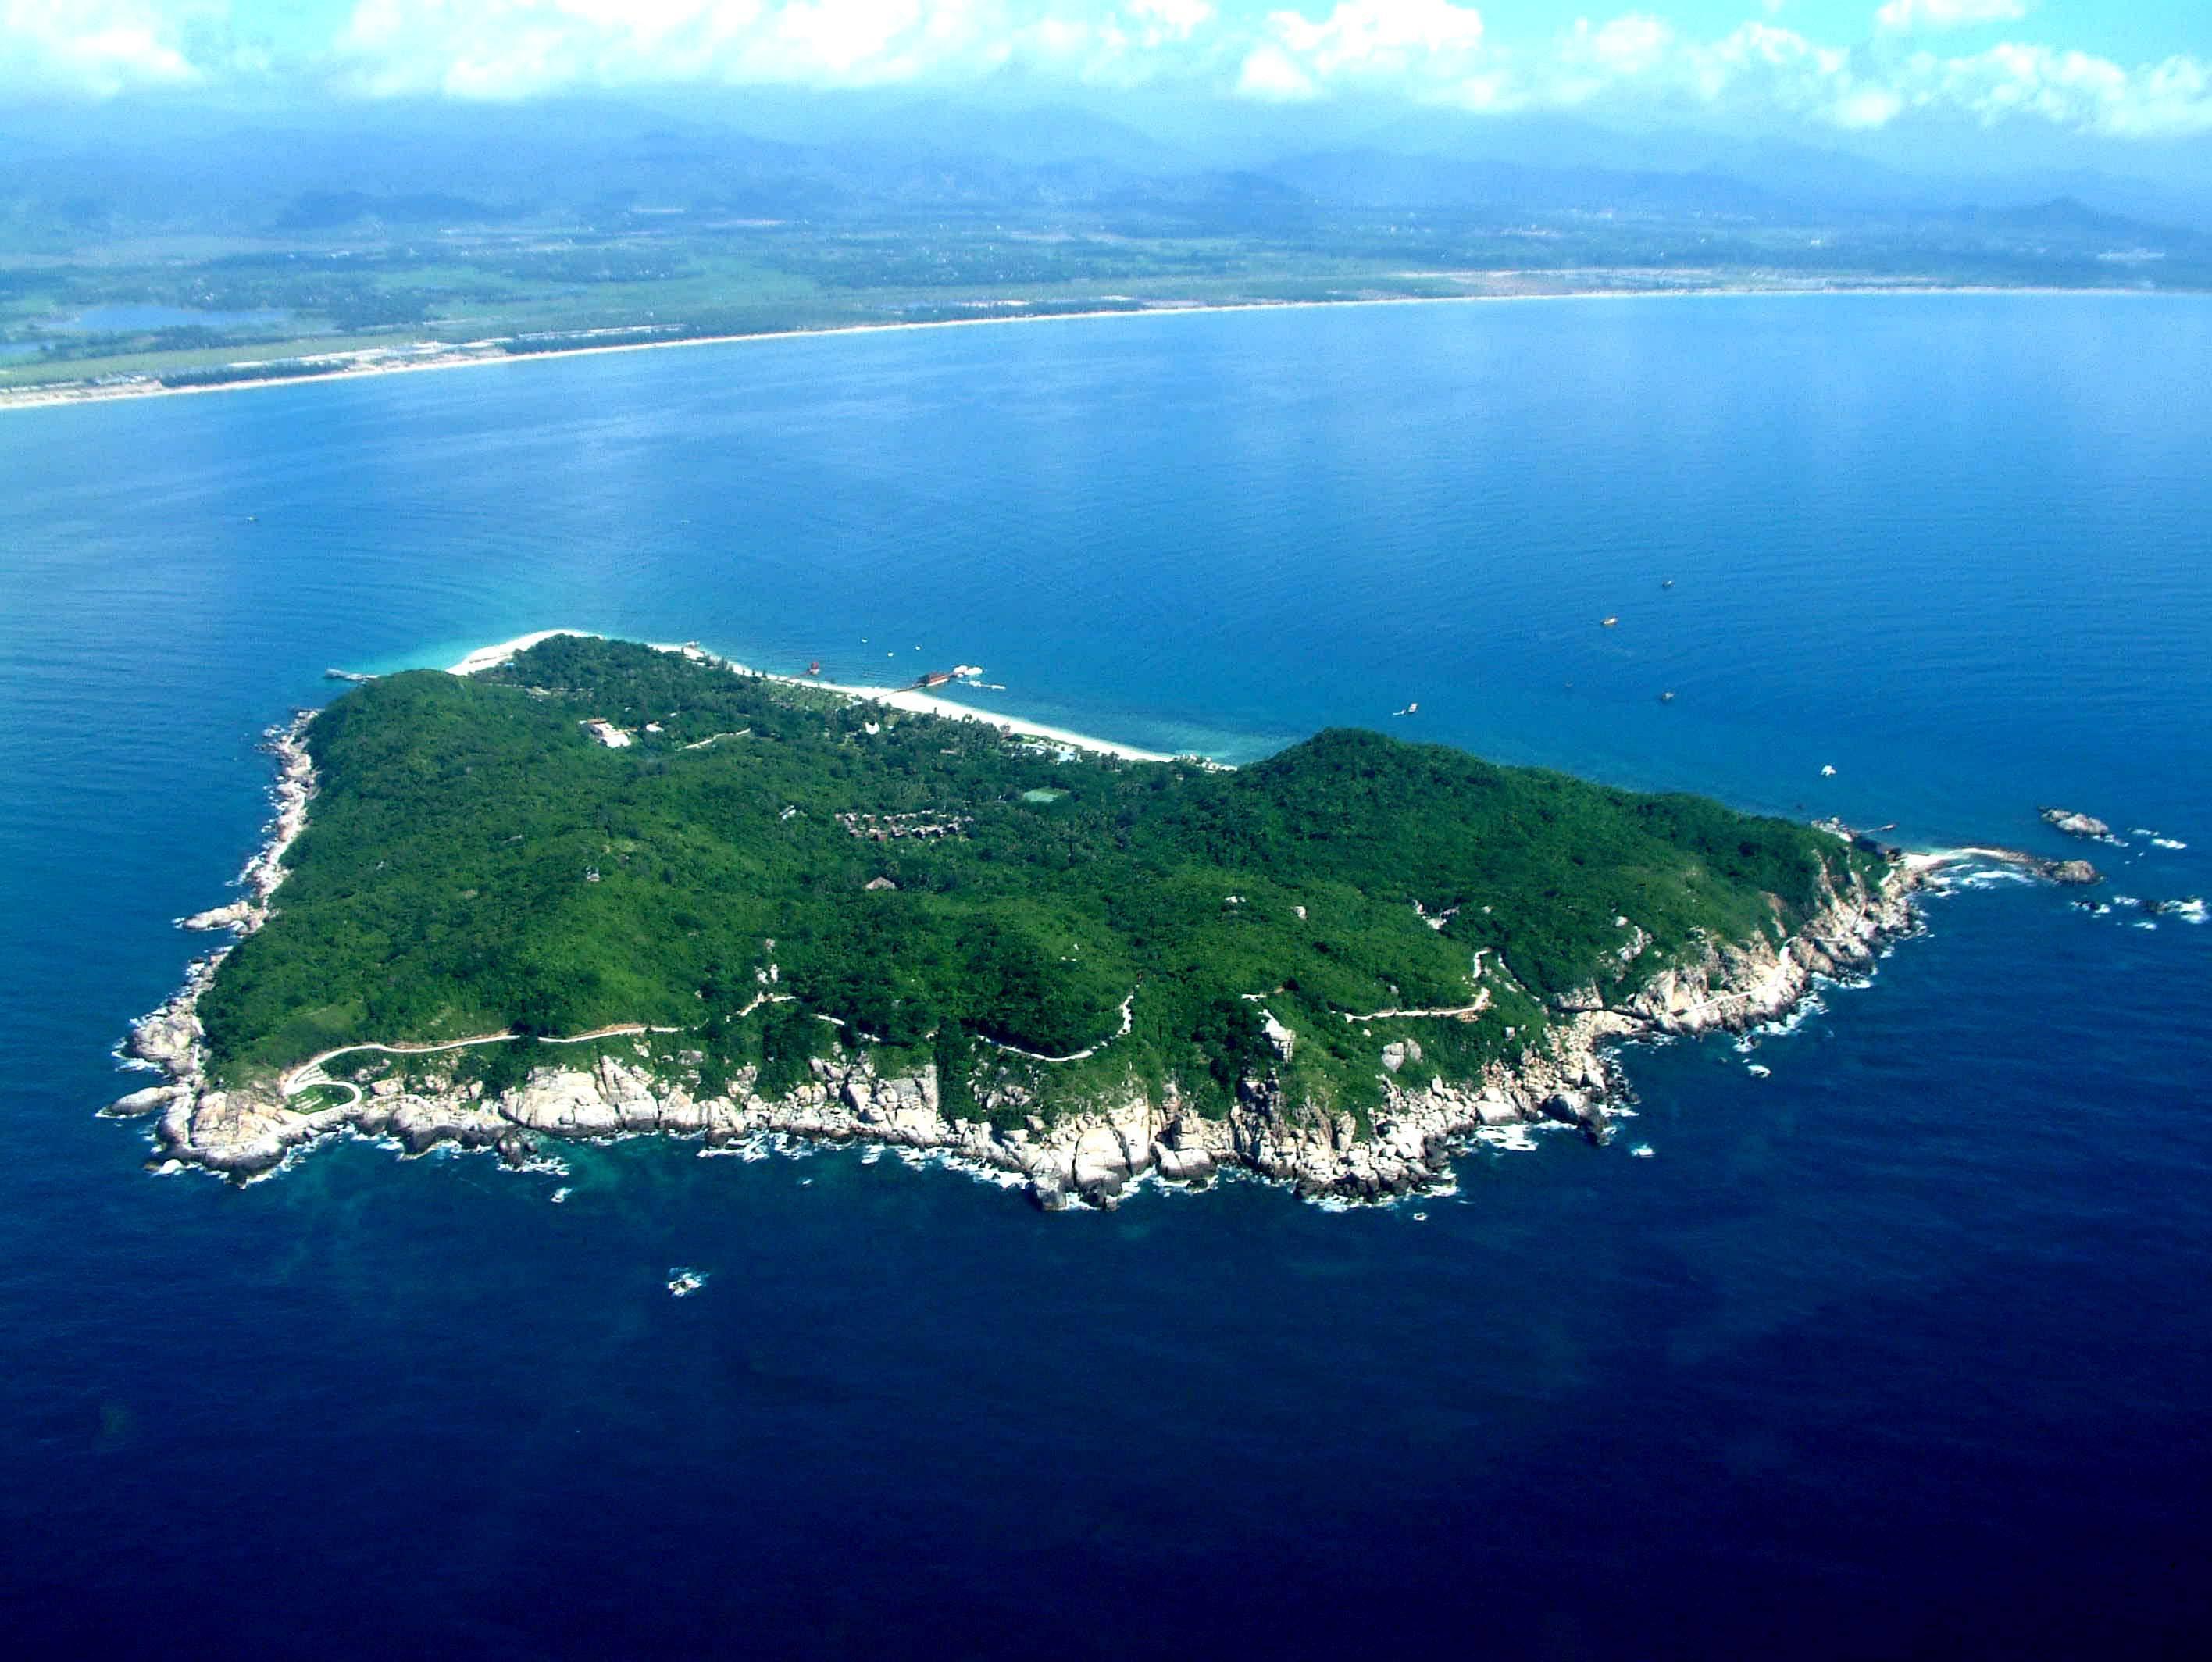 蜈支洲岛环岛路为什么不让游客下车拍照,原因是……